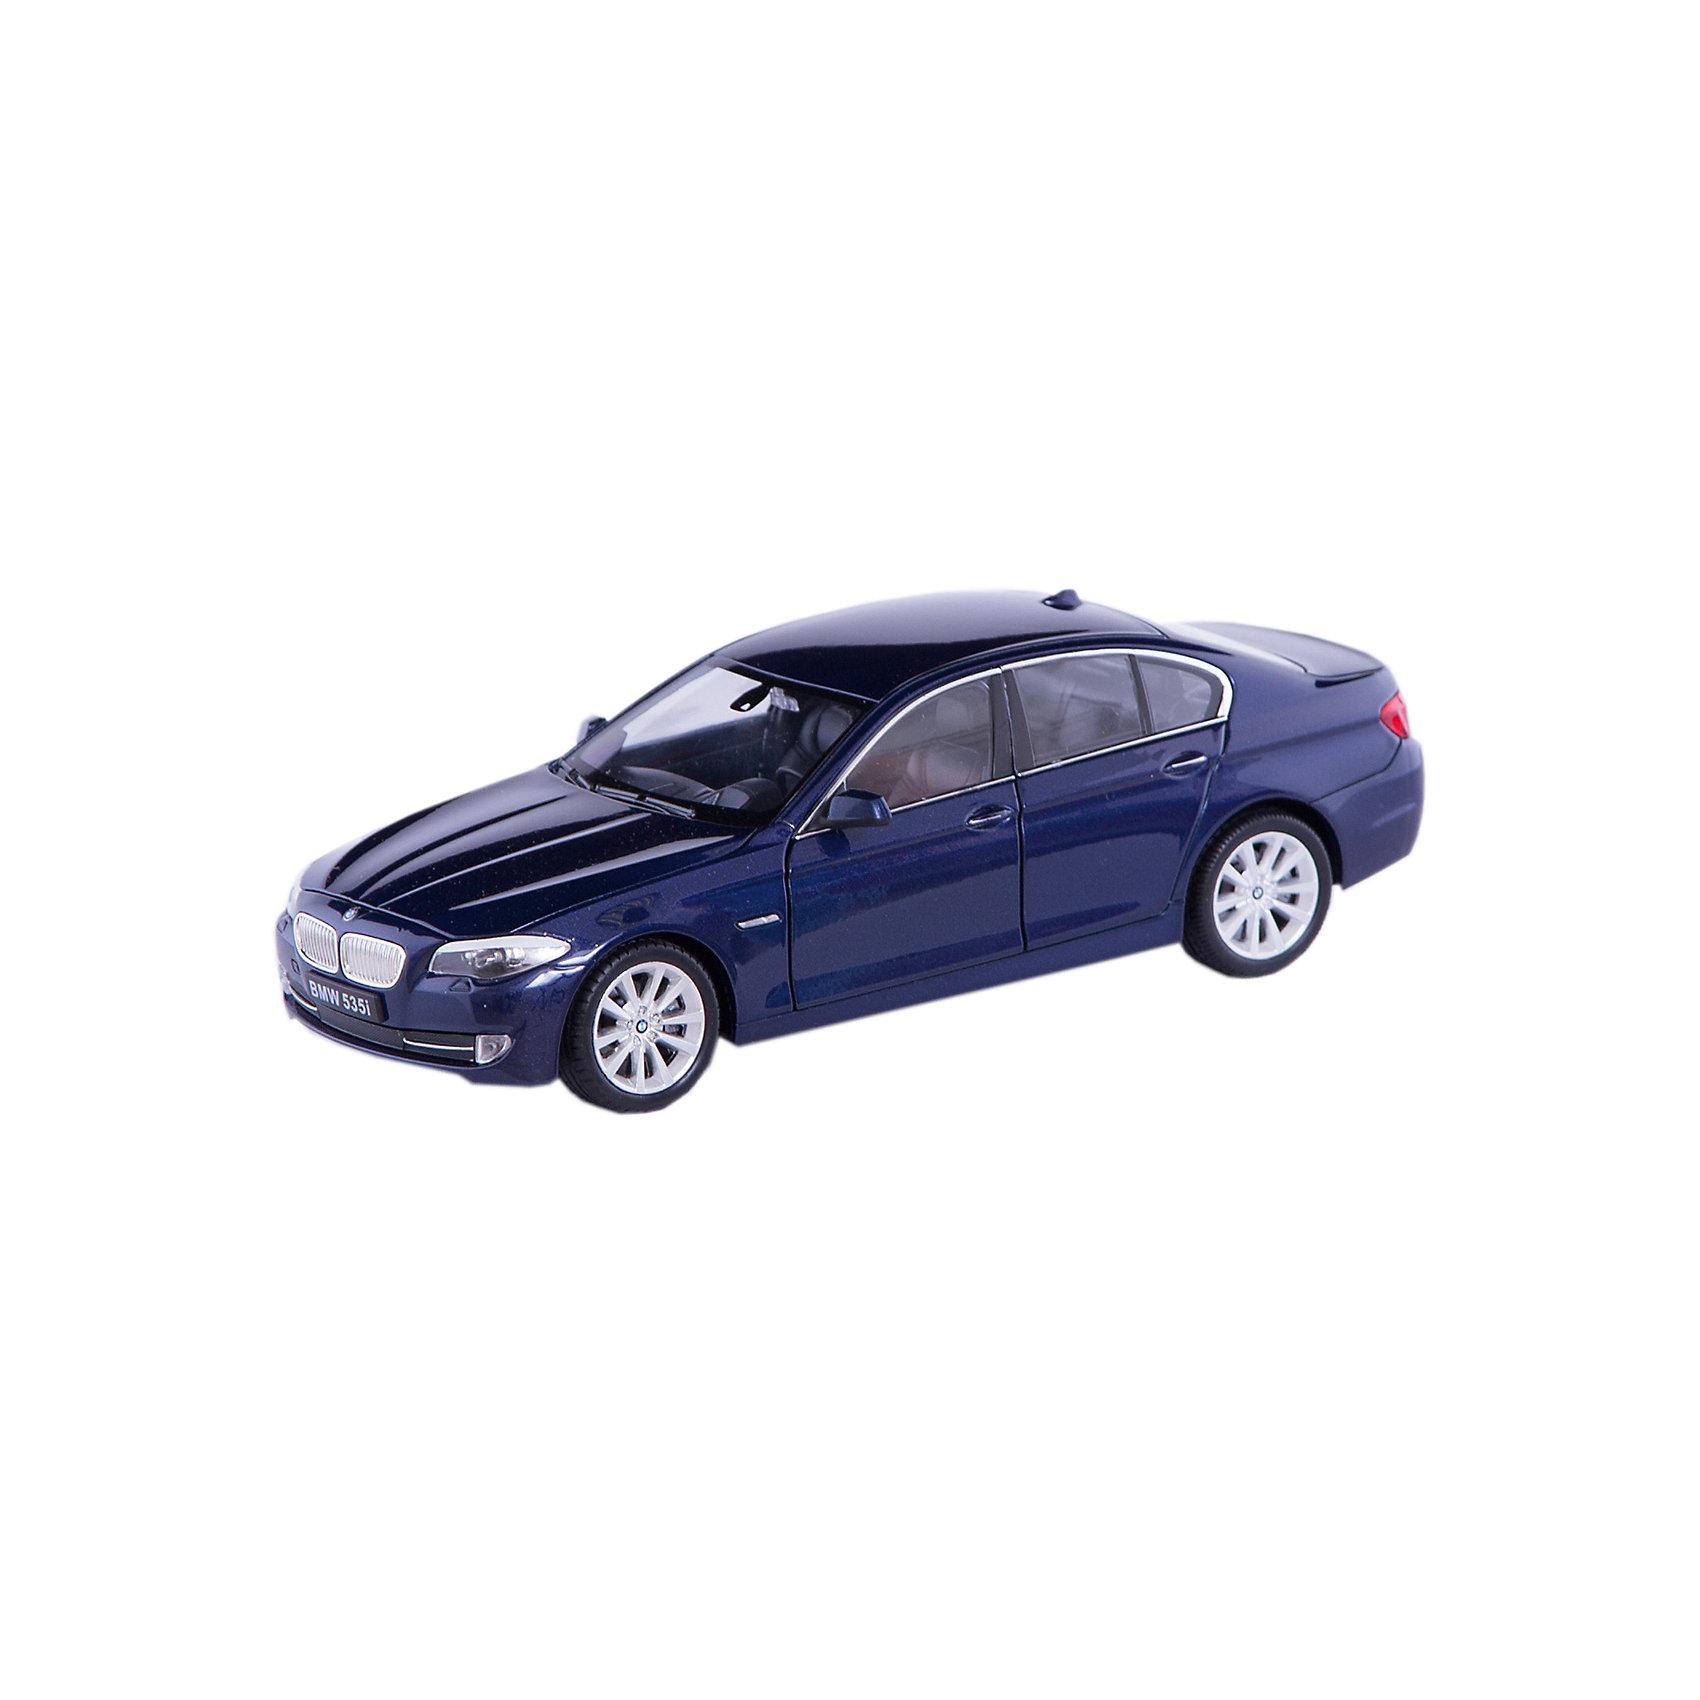 Модель машины 1:24 BMW 535I, WellyКоллекционные модели<br>Модель машины BMW 535I, Welly (Велли) станет замечательным подарком для автолюбителей и коллекционеров всех возрастов. В коллекции масштабных моделей Welly представлено все многообразие автотехники: ретро-автомобили, легковые автомобили различных марок, грузовики, автомобили городских служб и многое другое. Все машинки отличаются высокой степенью детализации и тщательной проработкой всех элементов.<br><br>Машинка BMW 535I представляет собой точную копию настоящего автомобиля в масштабе 1:24. Автомобиль BMW 535I выпускается с 2010 года и отличается способностью ускоряться до 100 км/ч за 6 секунд. Модель от Welly оснащена прочными стеклами и зеркалами заднего вида, интерьер салона, двигатель и органы управления тщательно проработаны. Двери и капот открываются, а колеса можно поворачивать с помощью руля. Корпус автомобиля выполнен из металла, а отделка салона и декоративные элементы из пластика.<br><br>Дополнительная информация:<br><br>- Материал: металл, пластик, колеса прорезиненные.<br>- Масштаб: 1:24.<br>- Размер модели: 8 х 18 х 6 см.<br>- Размер упаковки: 11 х 23 х 11 см.<br>- Вес: 0,55 кг. <br><br>Модель машины BMW 535I, Welly можно купить в нашем интернет-магазине.<br><br>Ширина мм: 230<br>Глубина мм: 115<br>Высота мм: 105<br>Вес г: 550<br>Возраст от месяцев: 36<br>Возраст до месяцев: 192<br>Пол: Мужской<br>Возраст: Детский<br>SKU: 3777898